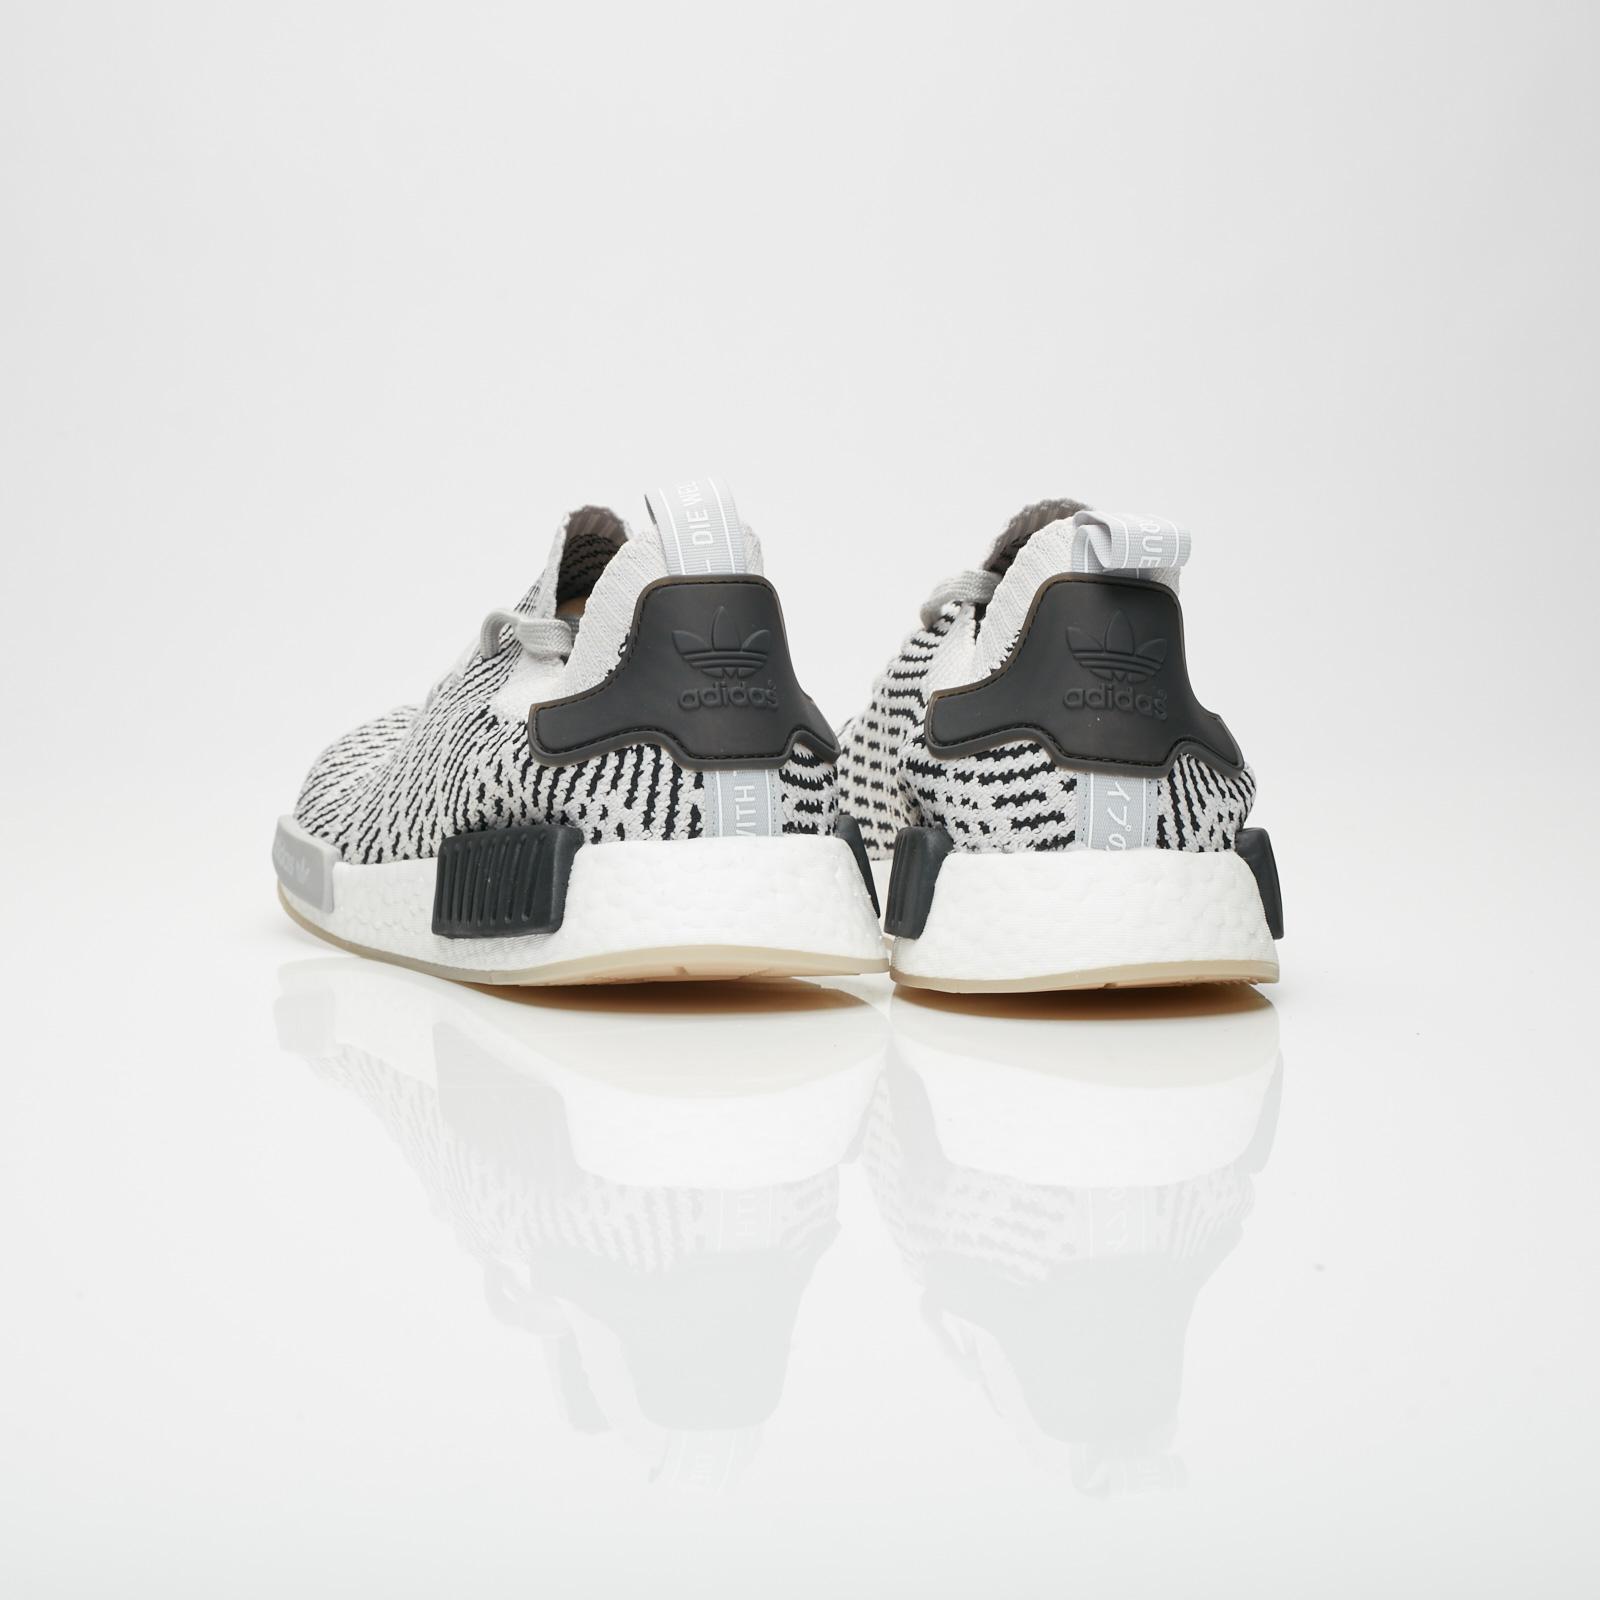 check out 2f2b1 81114 adidas Originals NMD R1 STLT Primeknit adidas Originals NMD R1 STLT  Primeknit ...